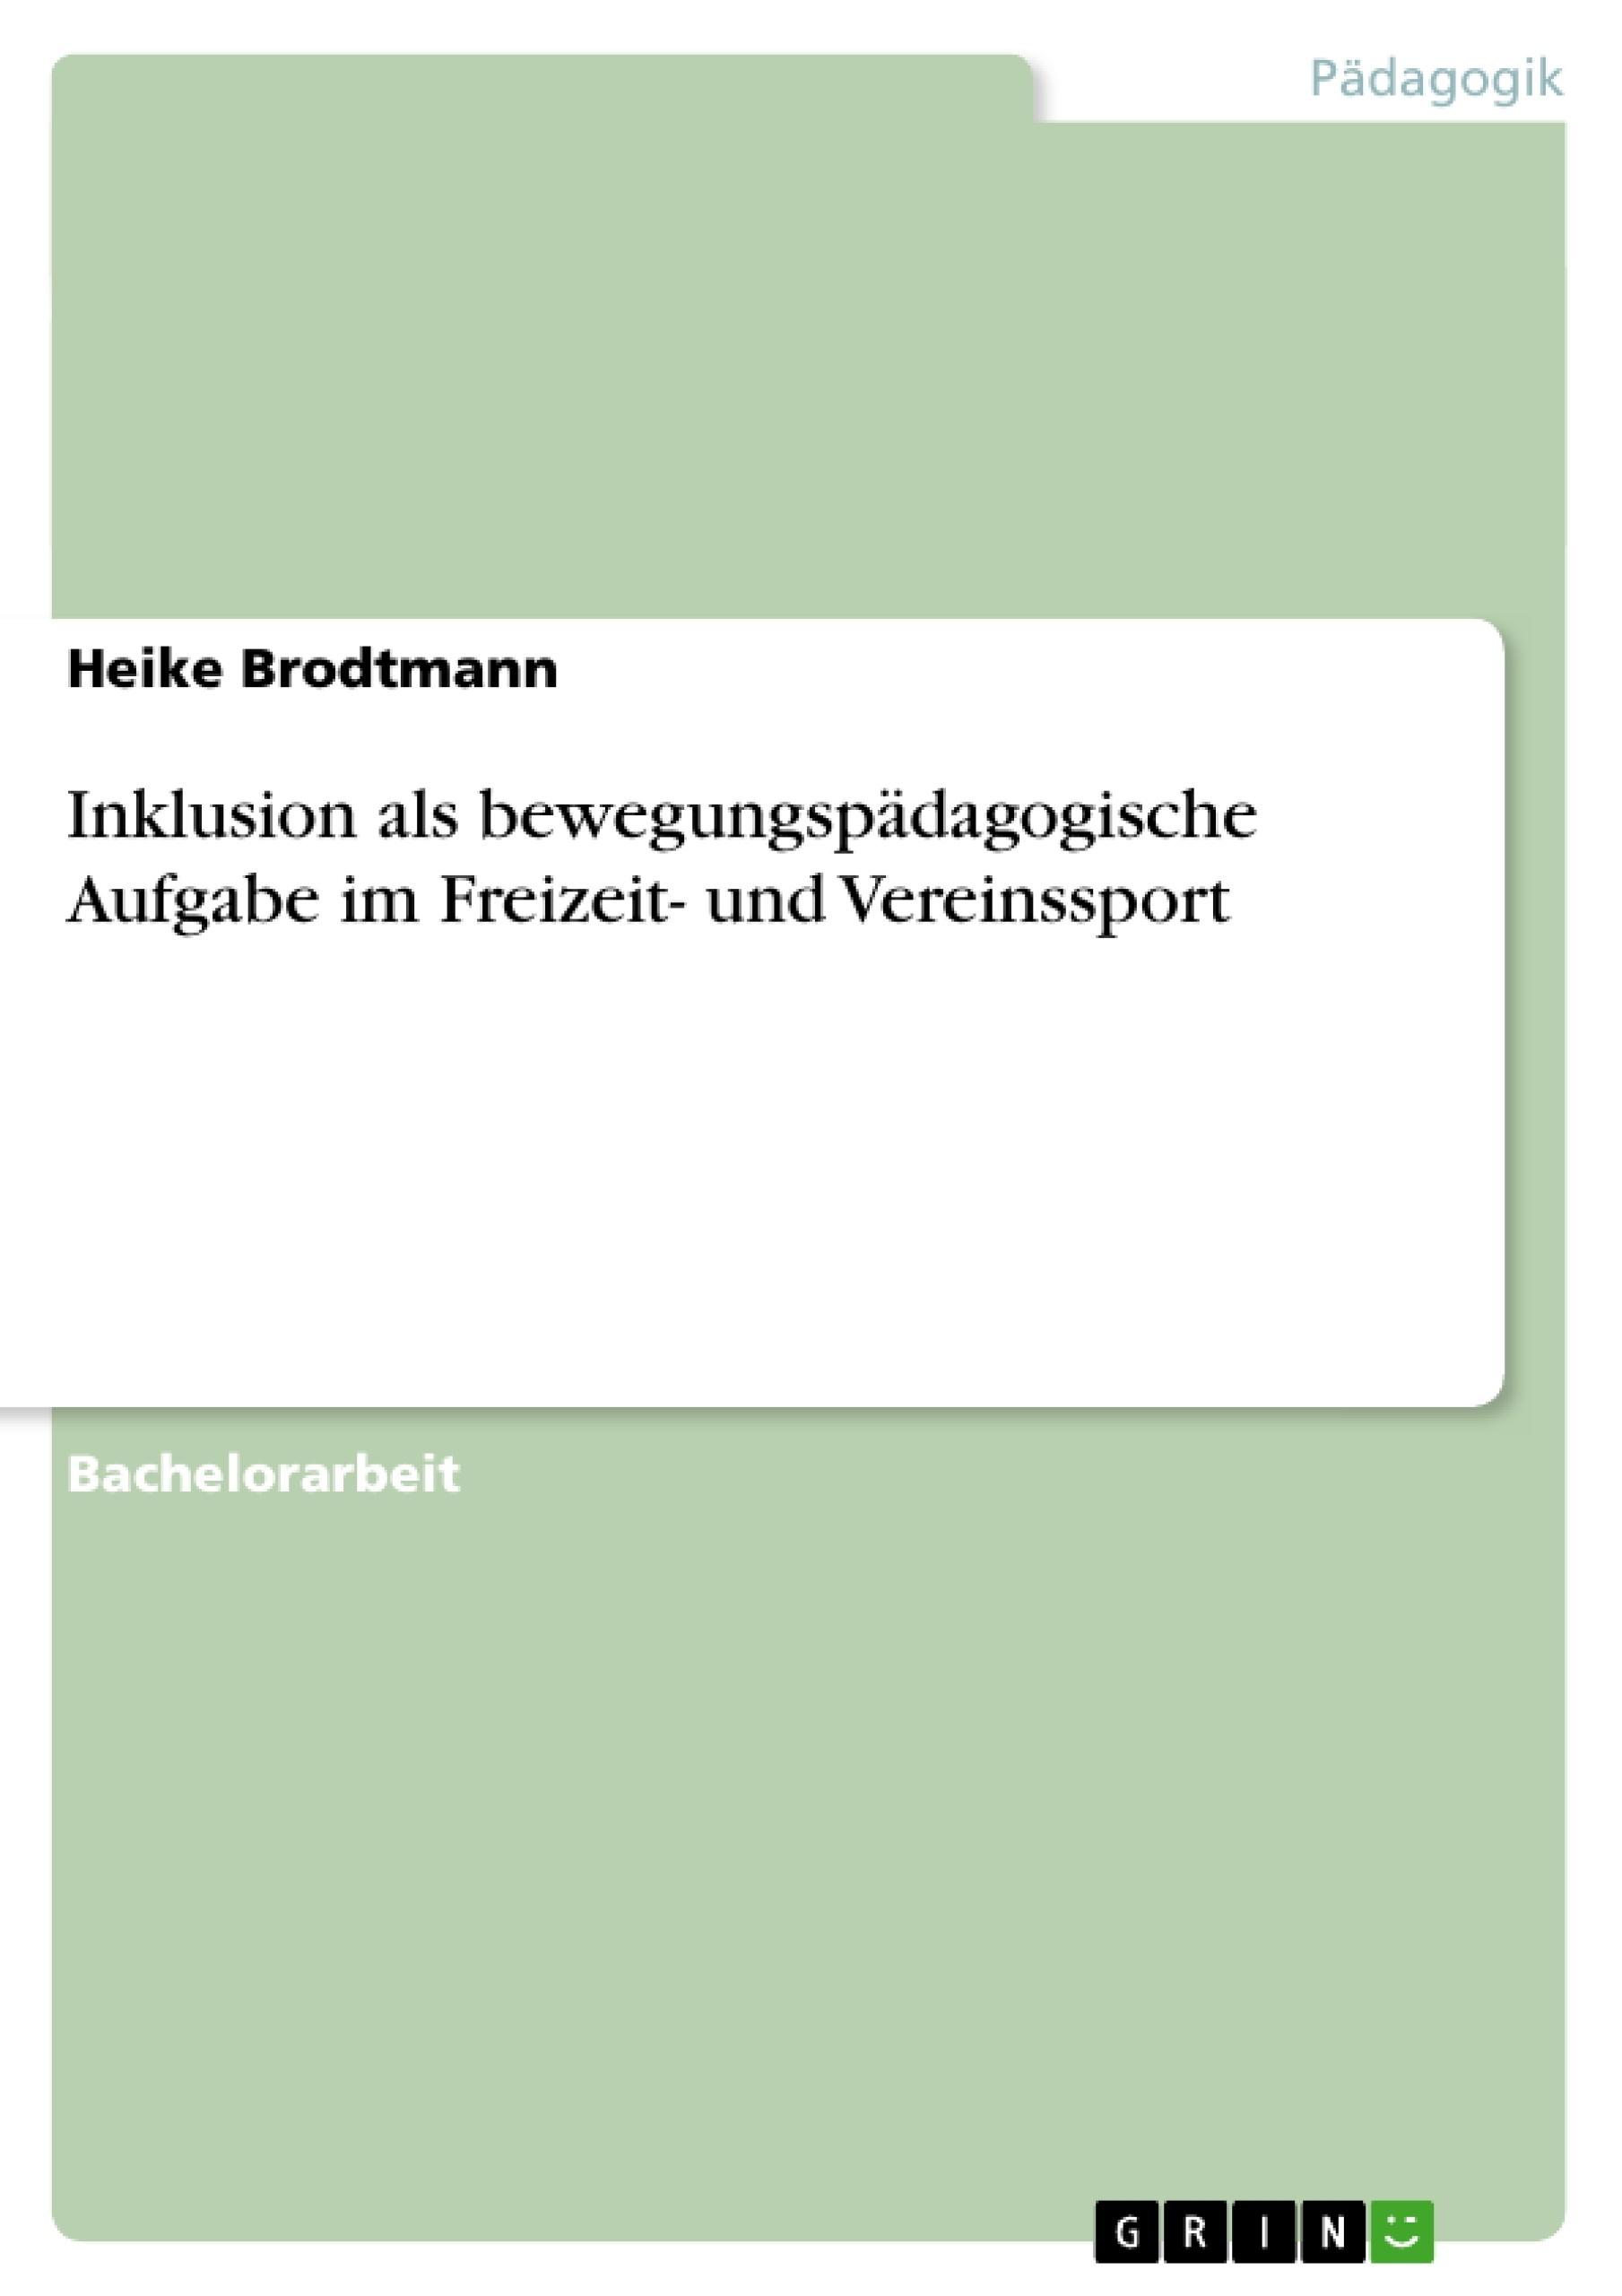 Titel: Inklusion als bewegungspädagogische Aufgabe im Freizeit- und Vereinssport